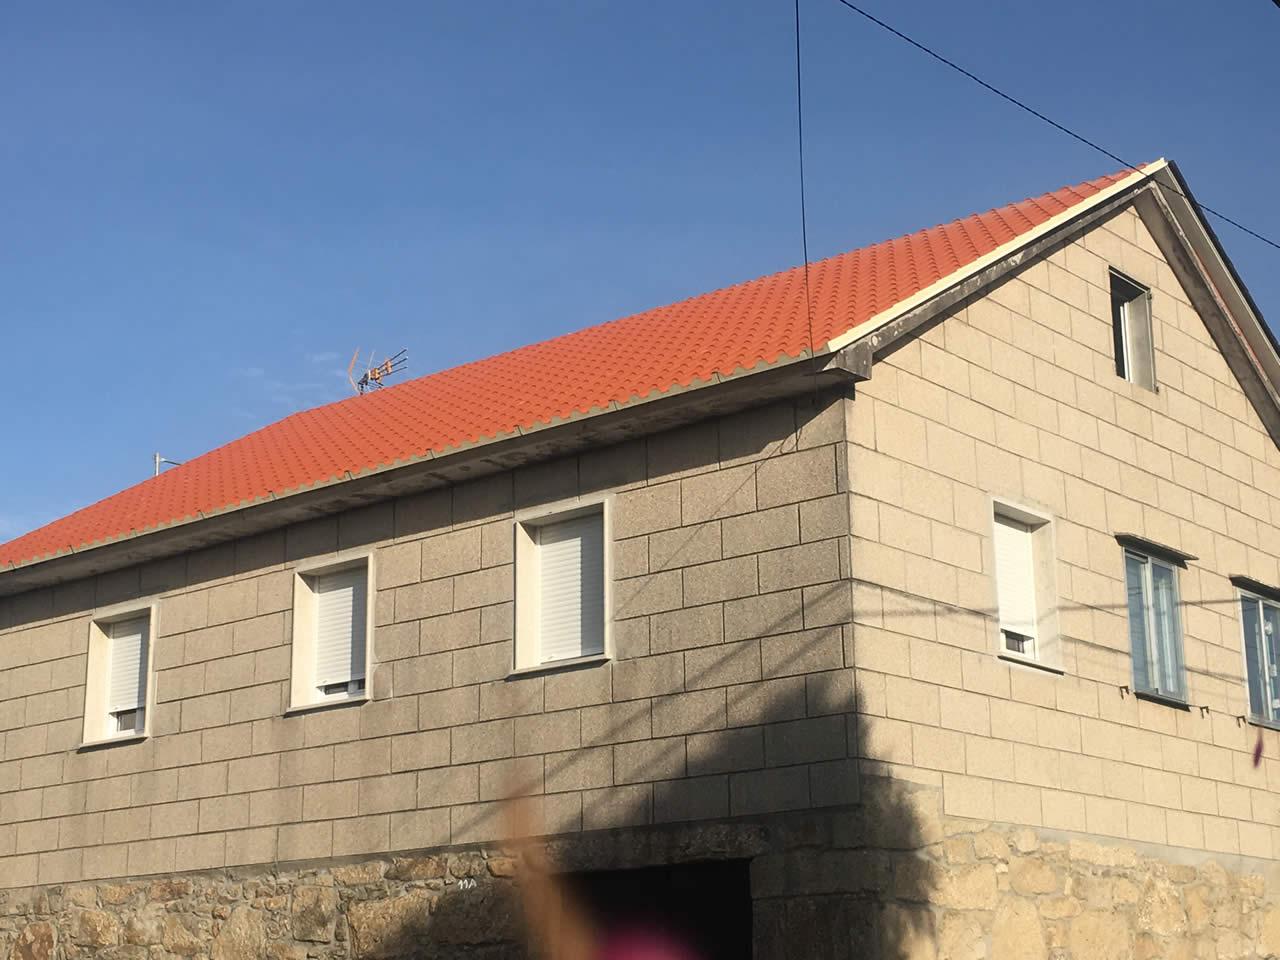 Construcción de tejados en Barrantes, Pontevedra - Instalaciones Rodríguez Metal